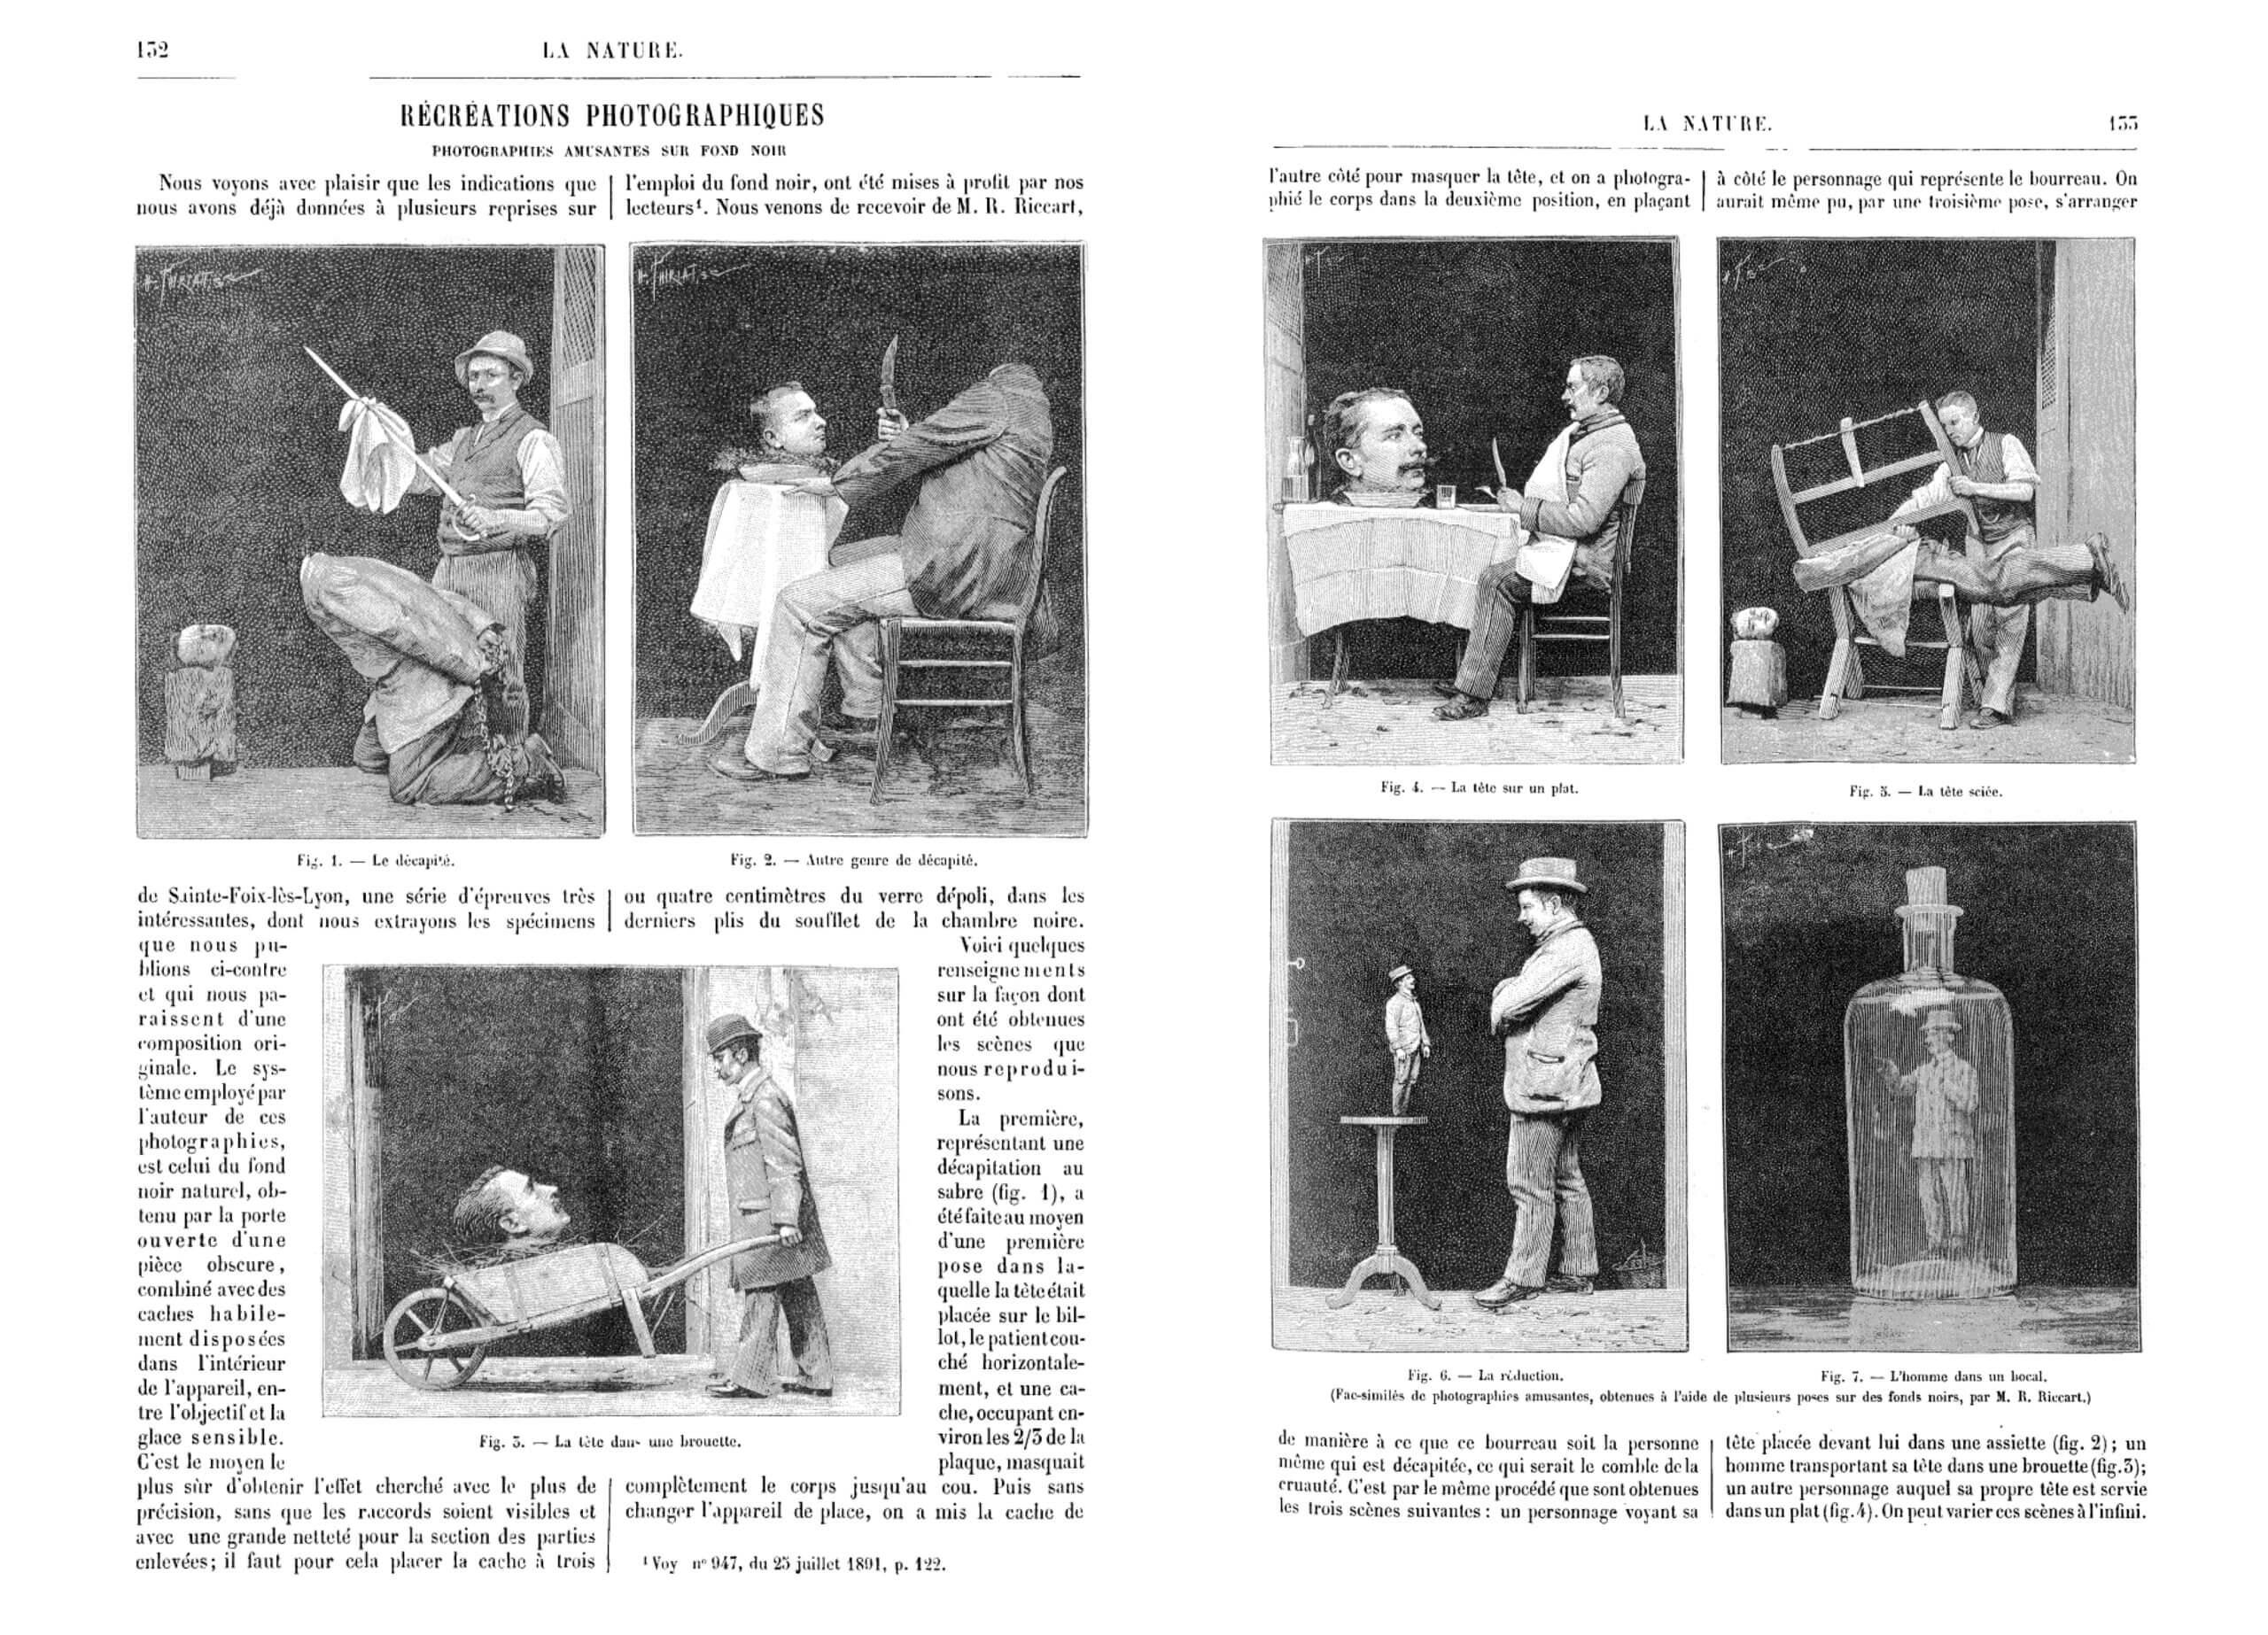 Gabriel Mareschal, « Récréations photographiques. Photographies amusantes sur fond noir». Revue <i>La Nature</i>, n° 1026, Paris, Masson, 1893, pp. 132-133